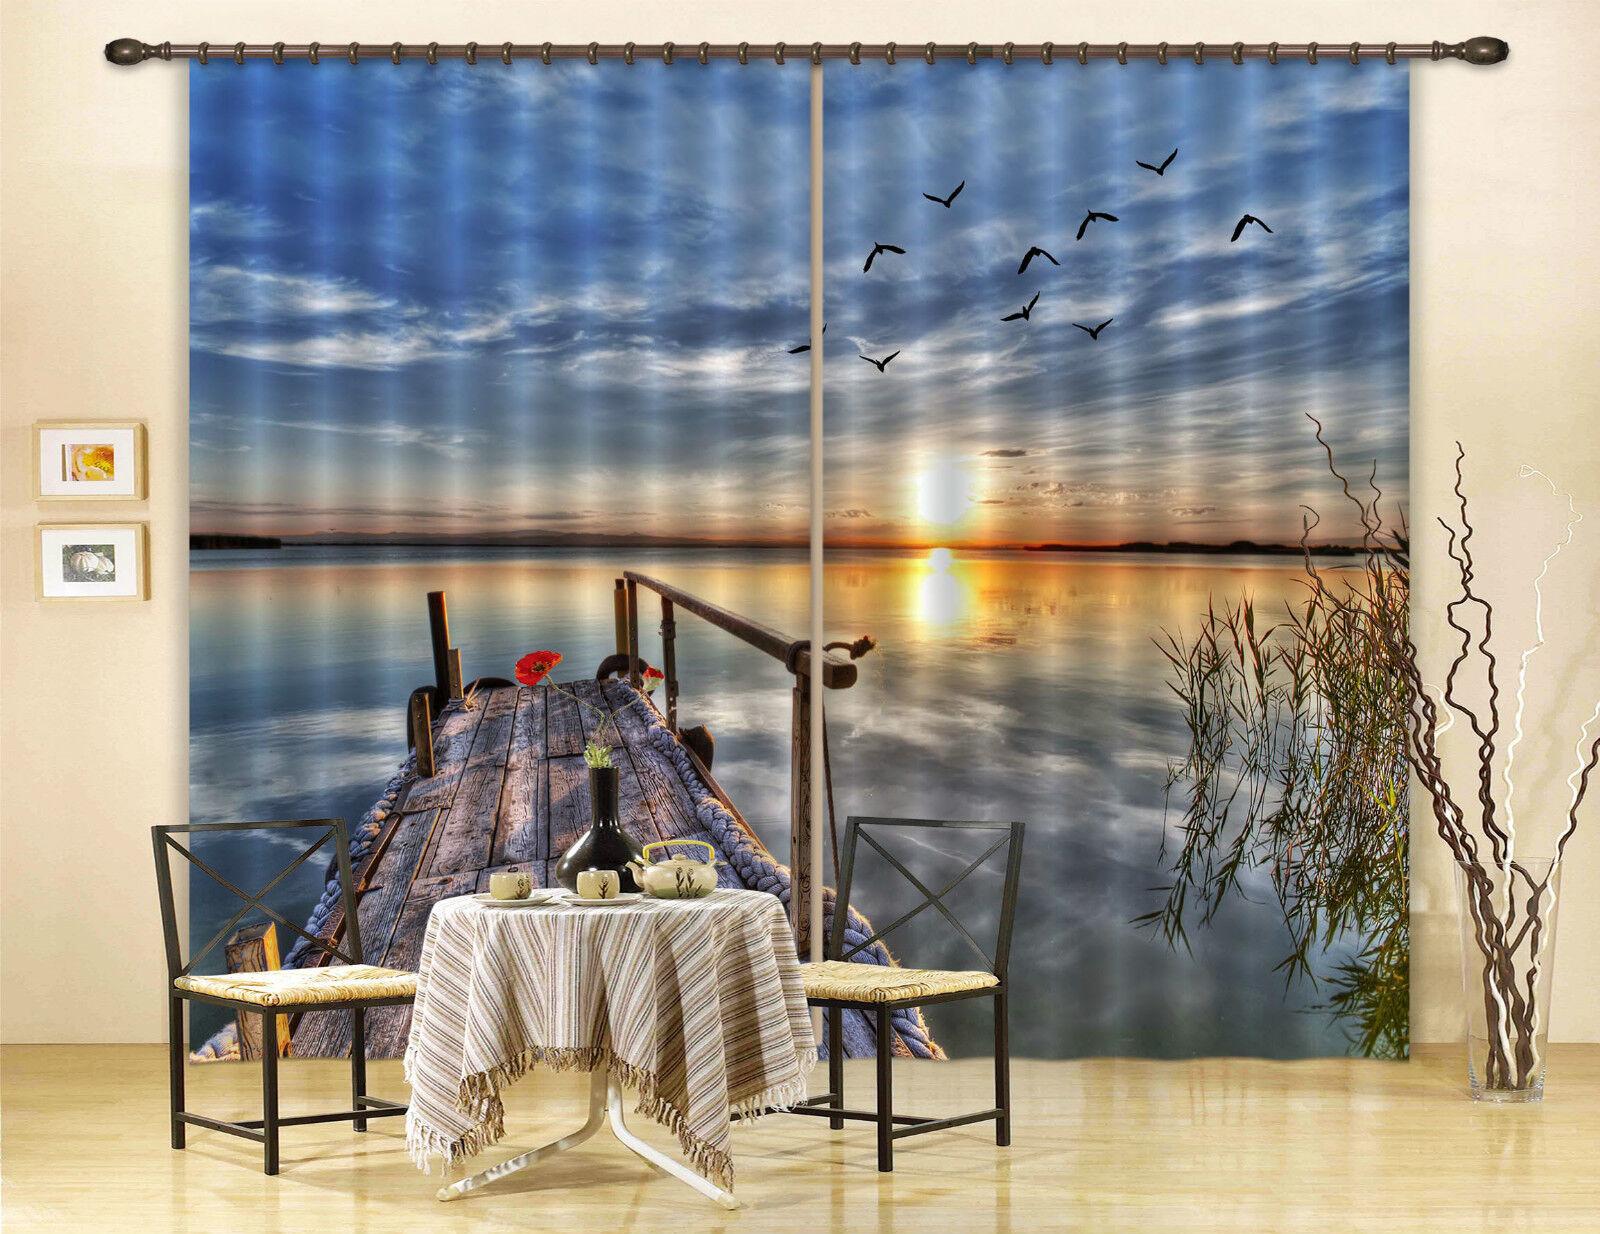 3d mar tan maravilloso 307 bloqueo foto cortina cortina de impresión sustancia cortinas de ventana